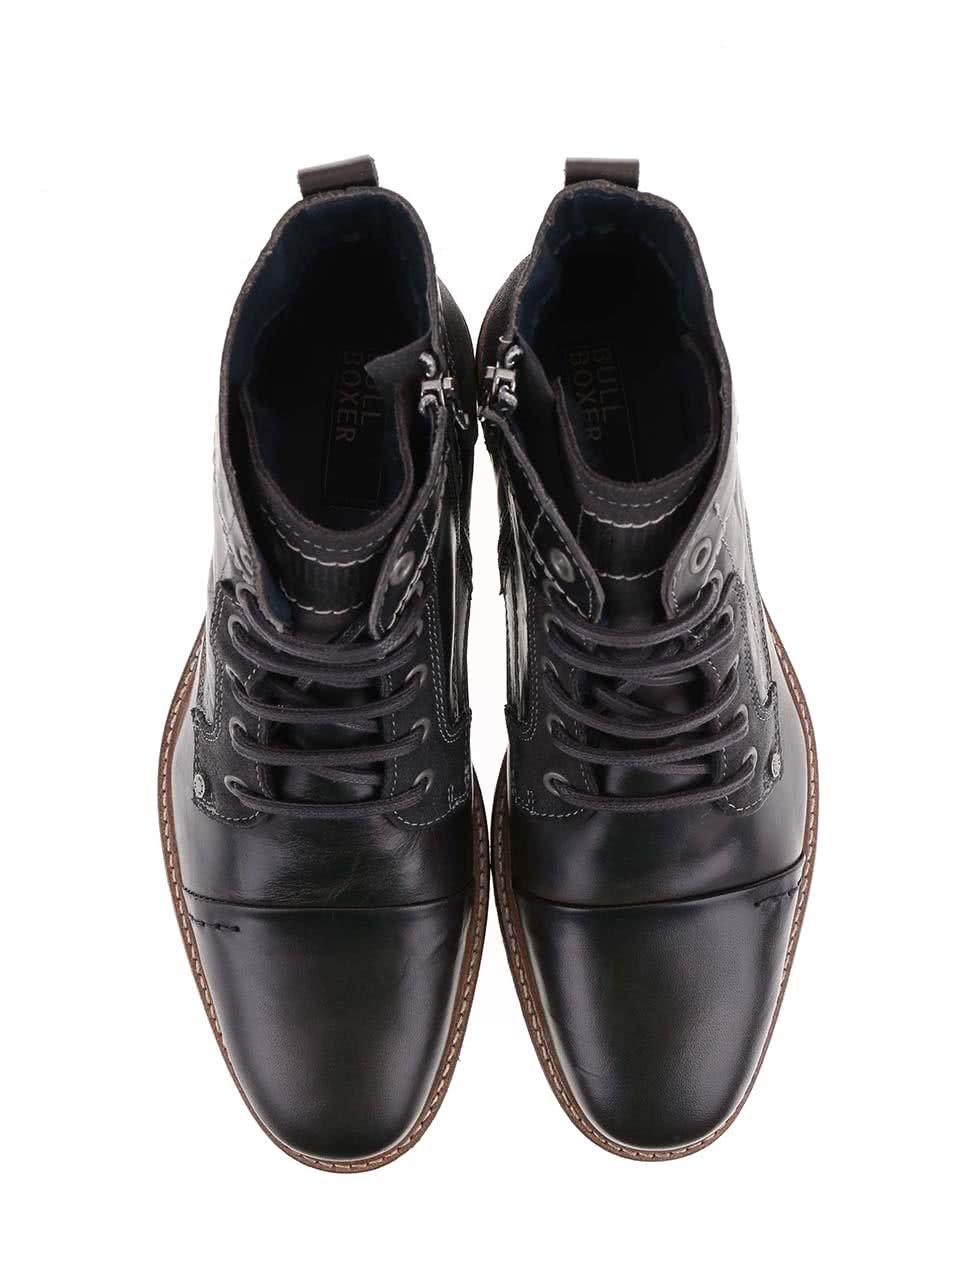 Sivohnedé pánske lesklé kožené členkové topánky so zipsom Bullboxer ... afa4616f23a